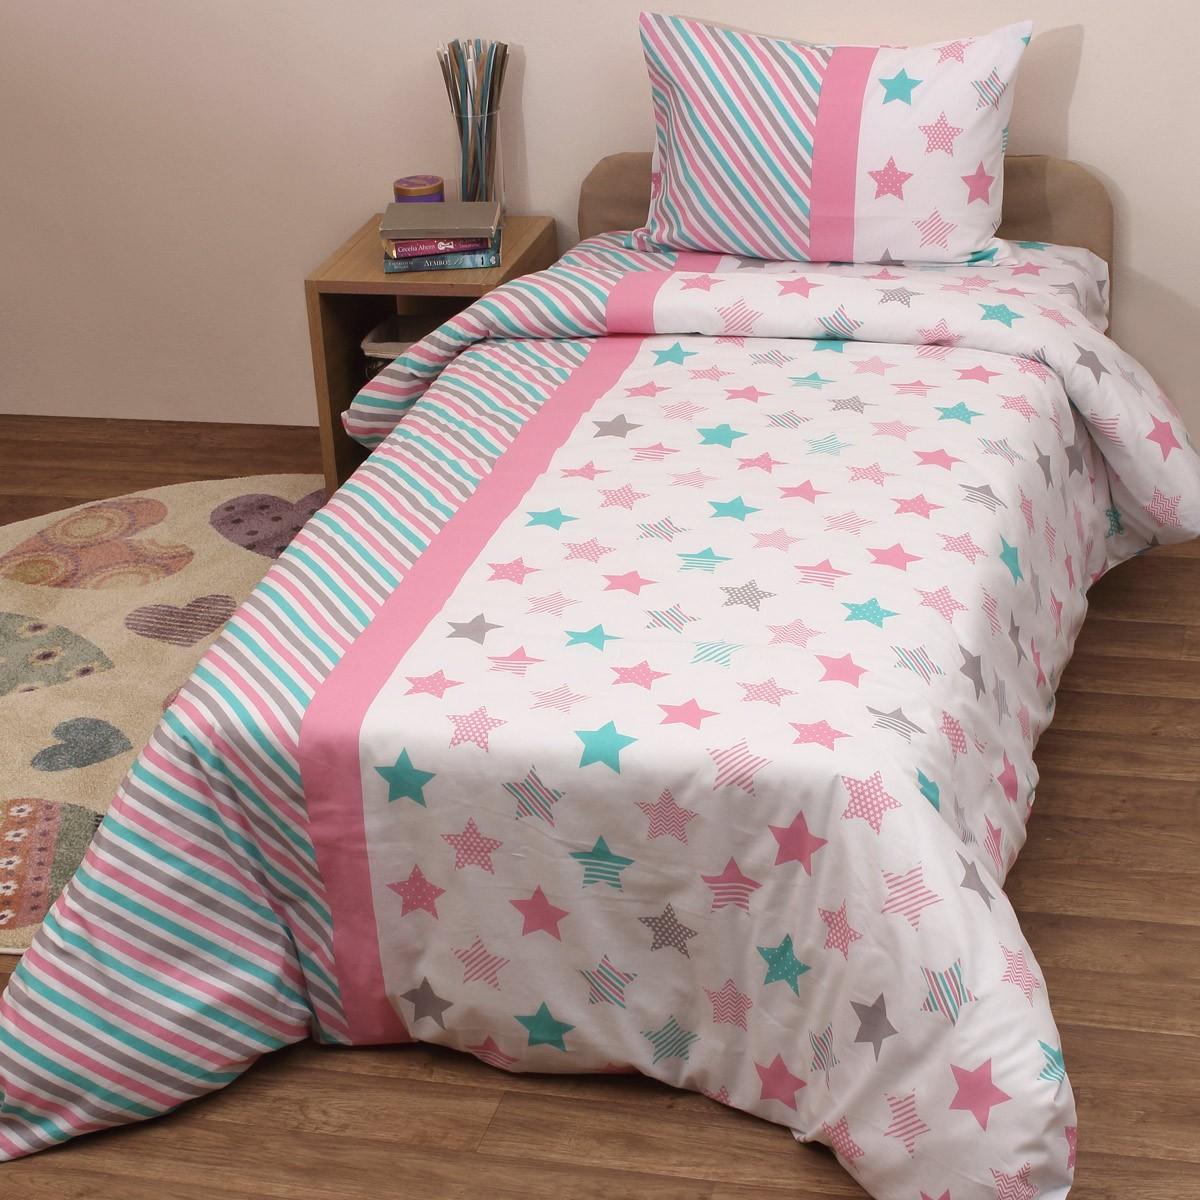 Πάπλωμα Κούνιας (Σετ) Viopros Baby Cotton Άστρον Ροζ